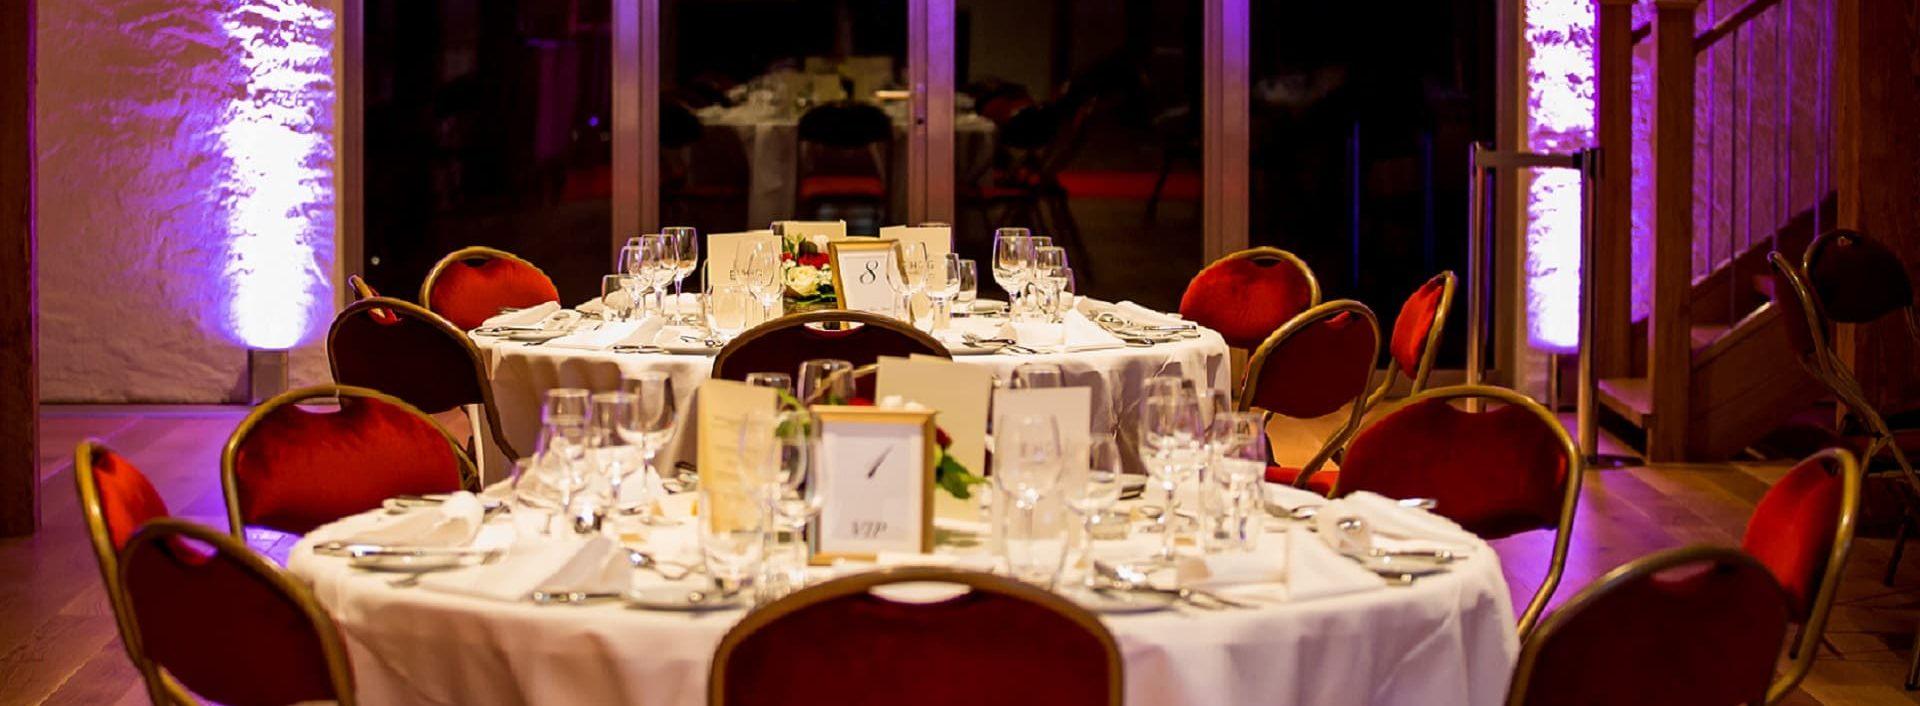 Organiser un événement professionnel à Genève